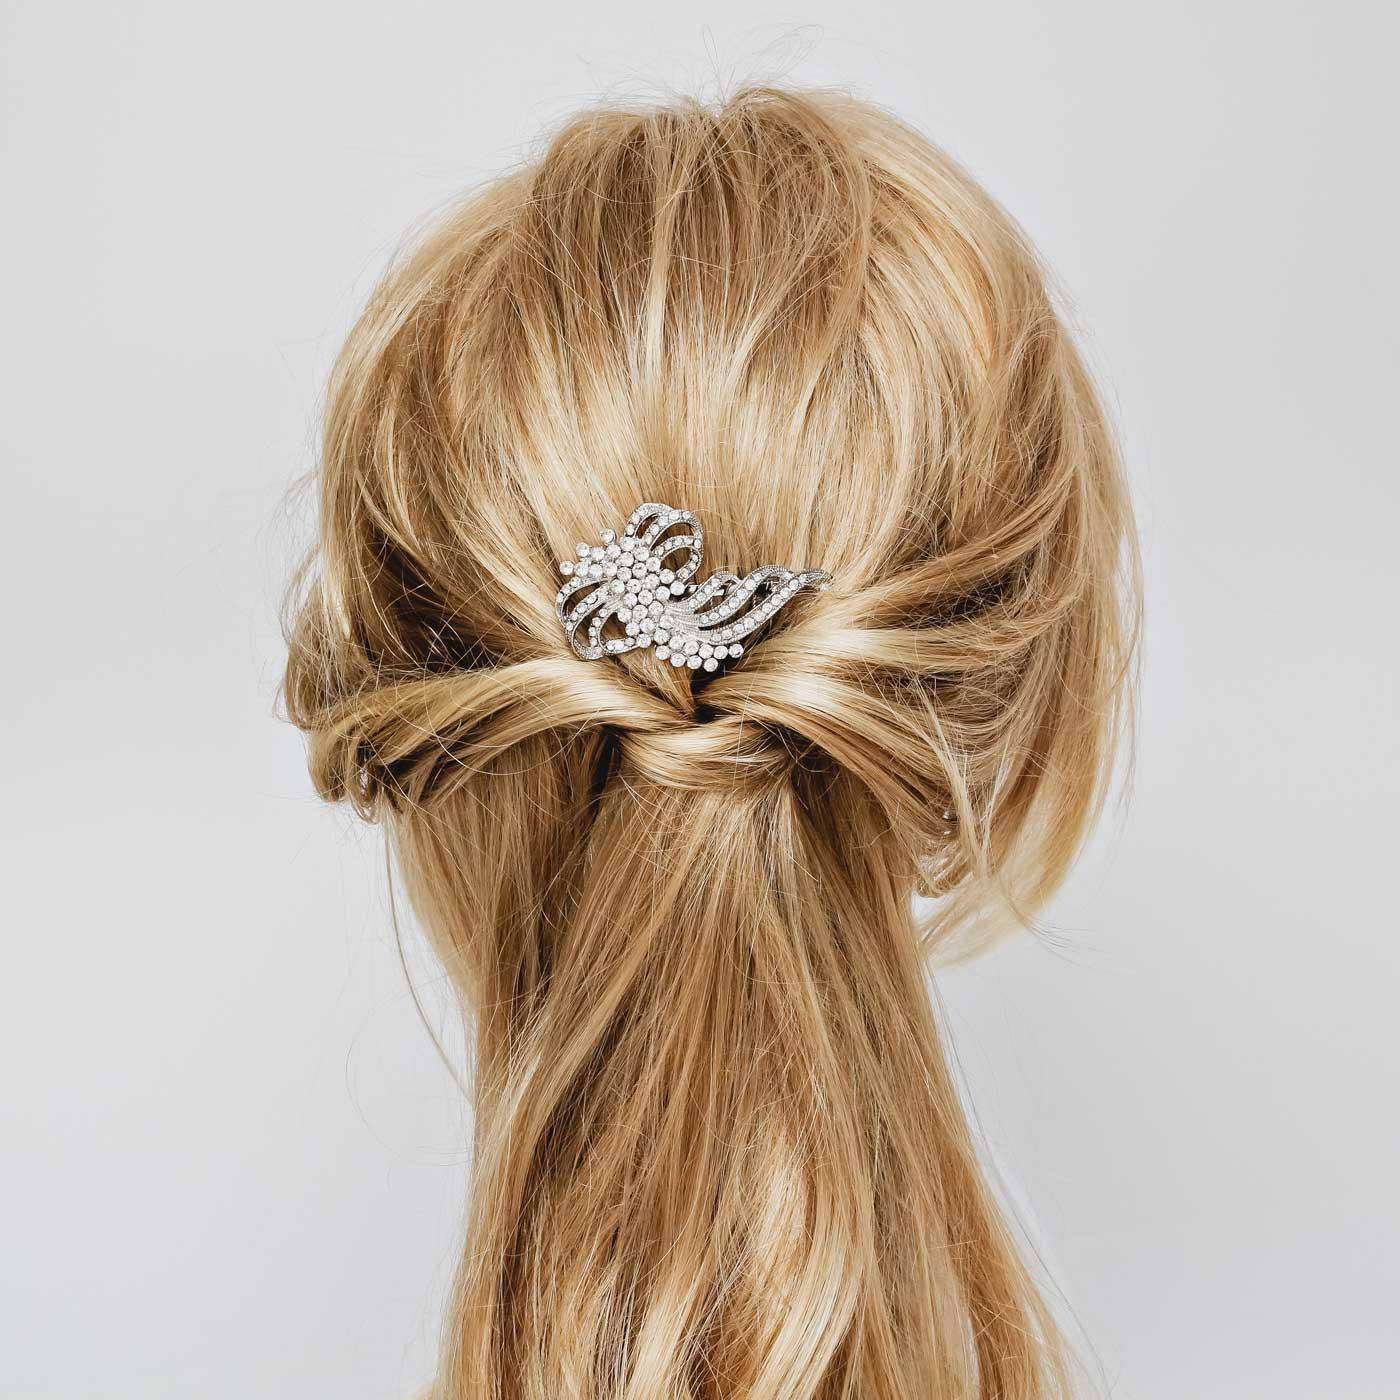 kryształowy grzebyk ślubny, kryształowe dodatki ślubne, grzebyk do włosów, biżuteria ślubna, sklep, online